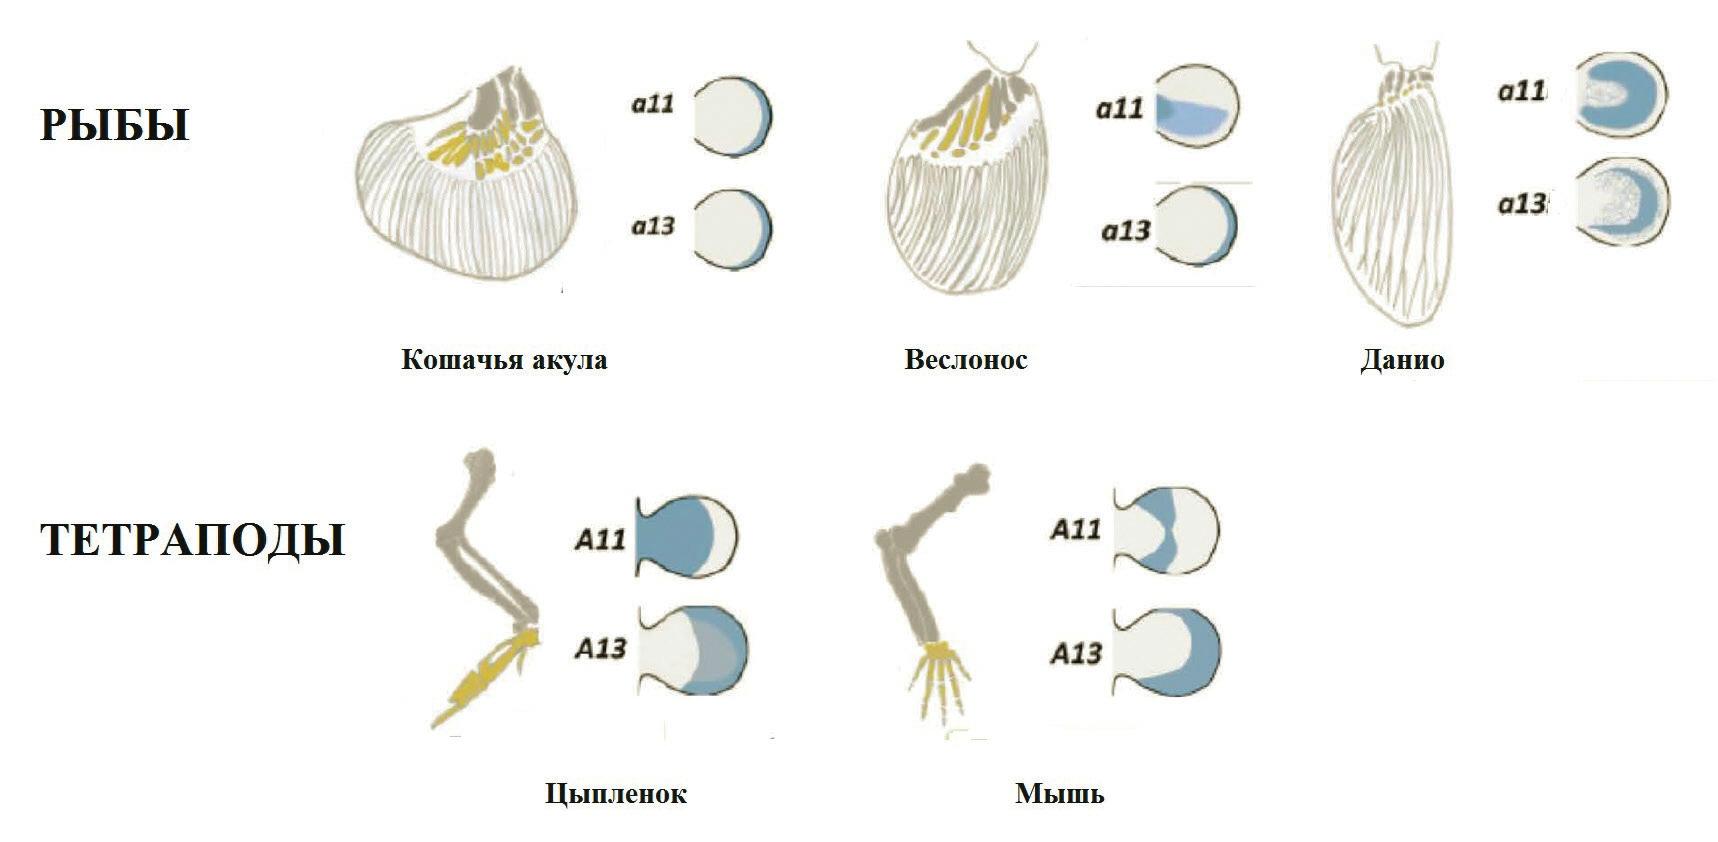 Рис. 1. Гены Ноха11 и Ноха13 вместе экспрессируются в зачатках плавников; в почках конечностей тетрапод их области экспрессии не перекрываются (Leite-Castro et al., 2016, с модификацией)